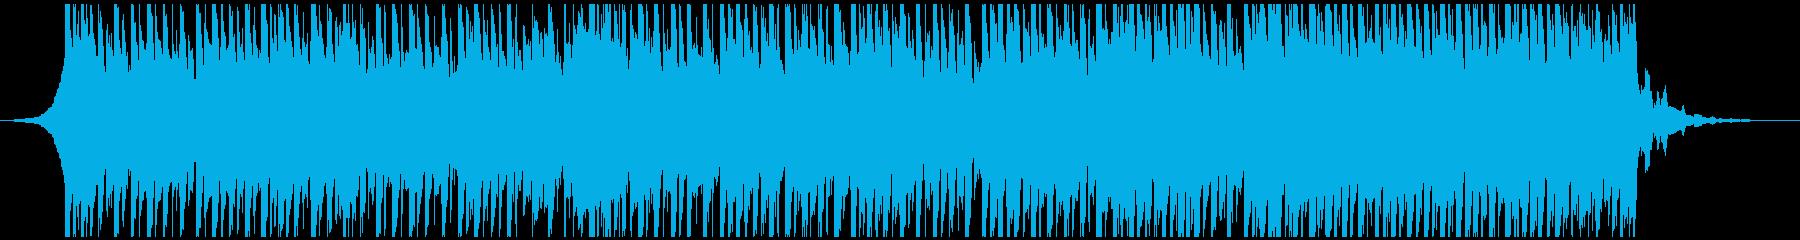 テクノロジー(60秒)の再生済みの波形